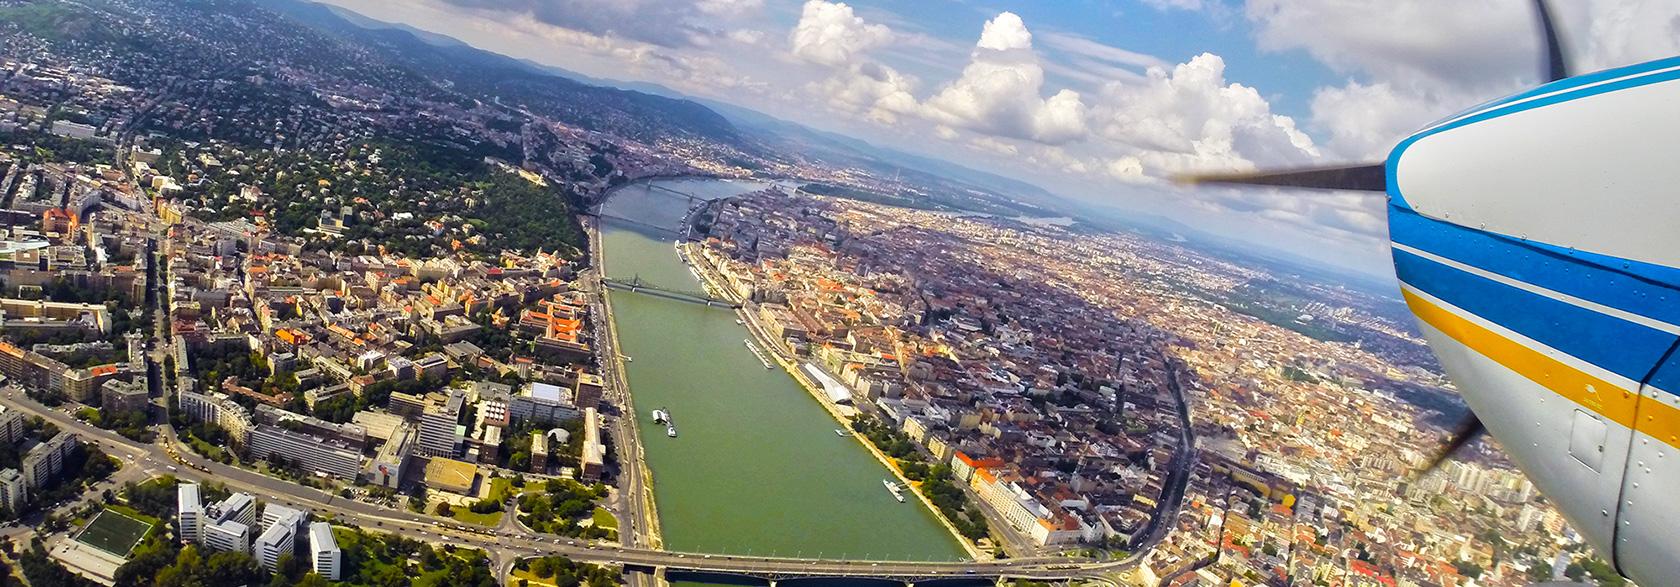 setarepules-budapest-felett